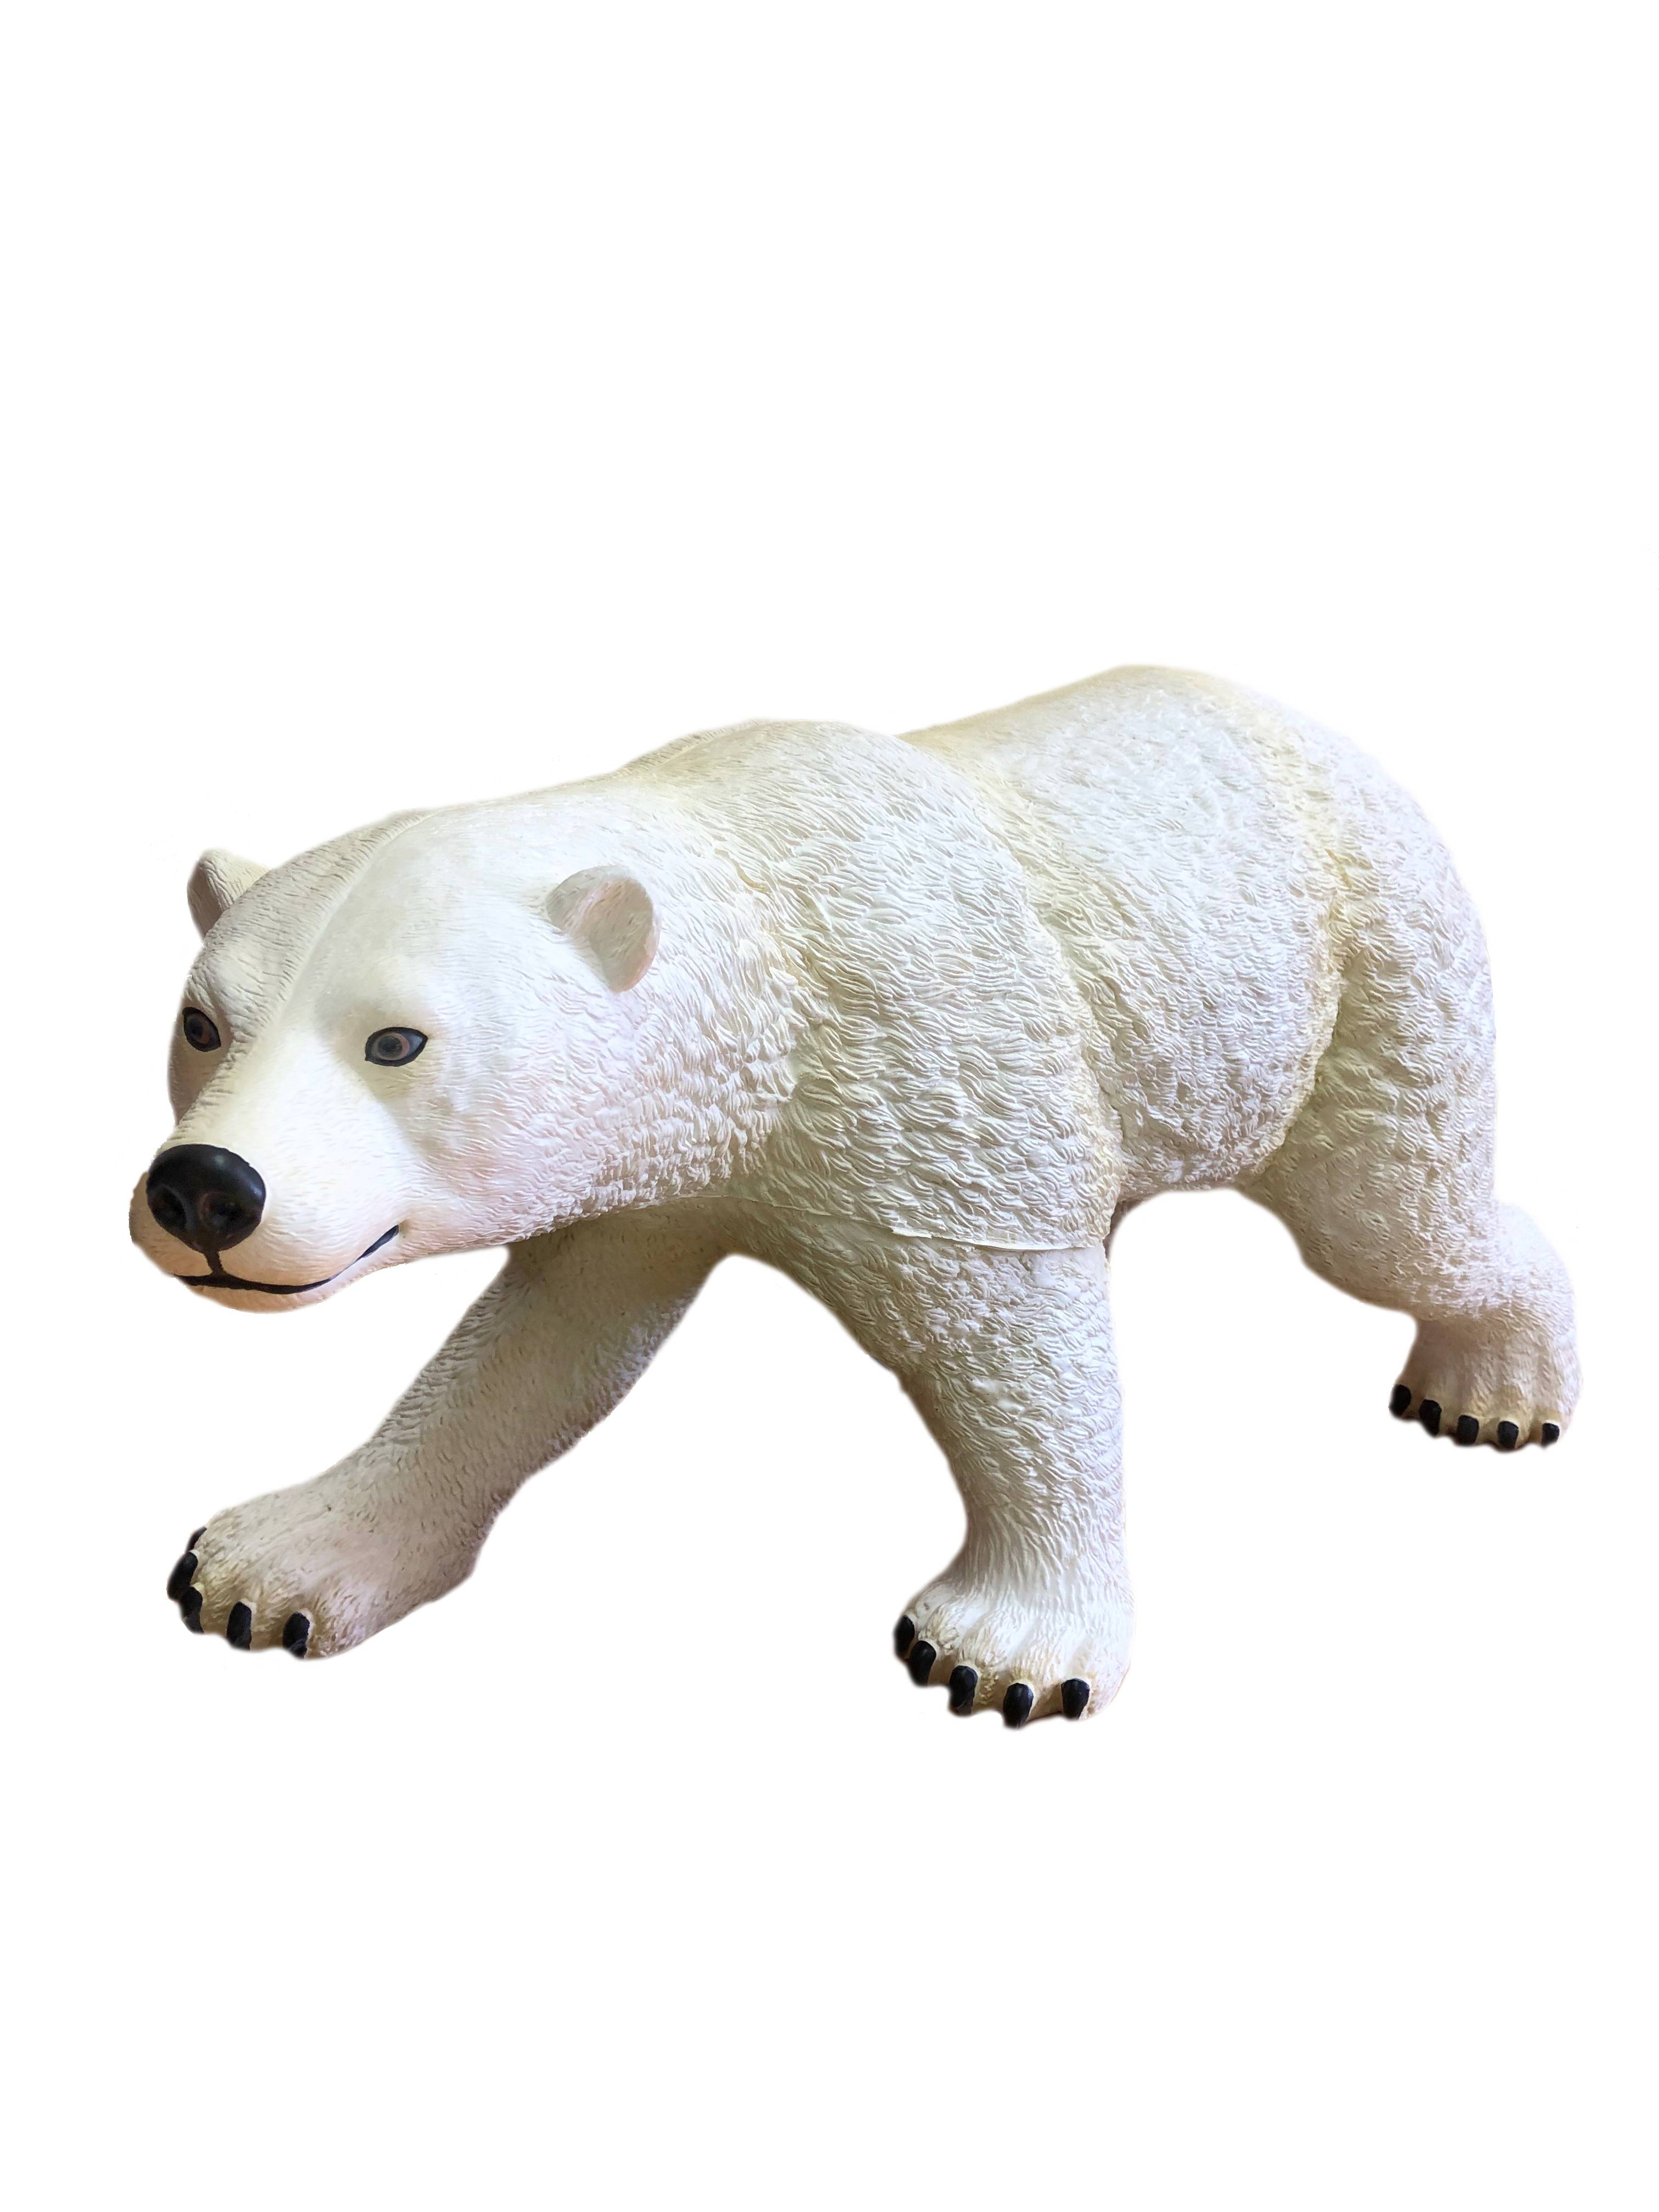 Фигурка АБВГДЕЙКА Медведь Большой белыйPE0050Большой Белый медведь - прекрасная игрушка из каучука с мягкой набивкой - холлофайбера для ребенка, познающего окружающий мир и желающего разобраться во всех его секретах. Являются точной копией настоящего животного . Физические возможности каучука дают отличную возможность создавать игрушку с большим количеством деталей, выделить даже пушистую шкуру медведя. Отличная проработка деталей за счет нанесения раскраски вручную, выглядит очень реалистично. Помимо этого, такая игрушка очень легкая и приятна на ощупь.